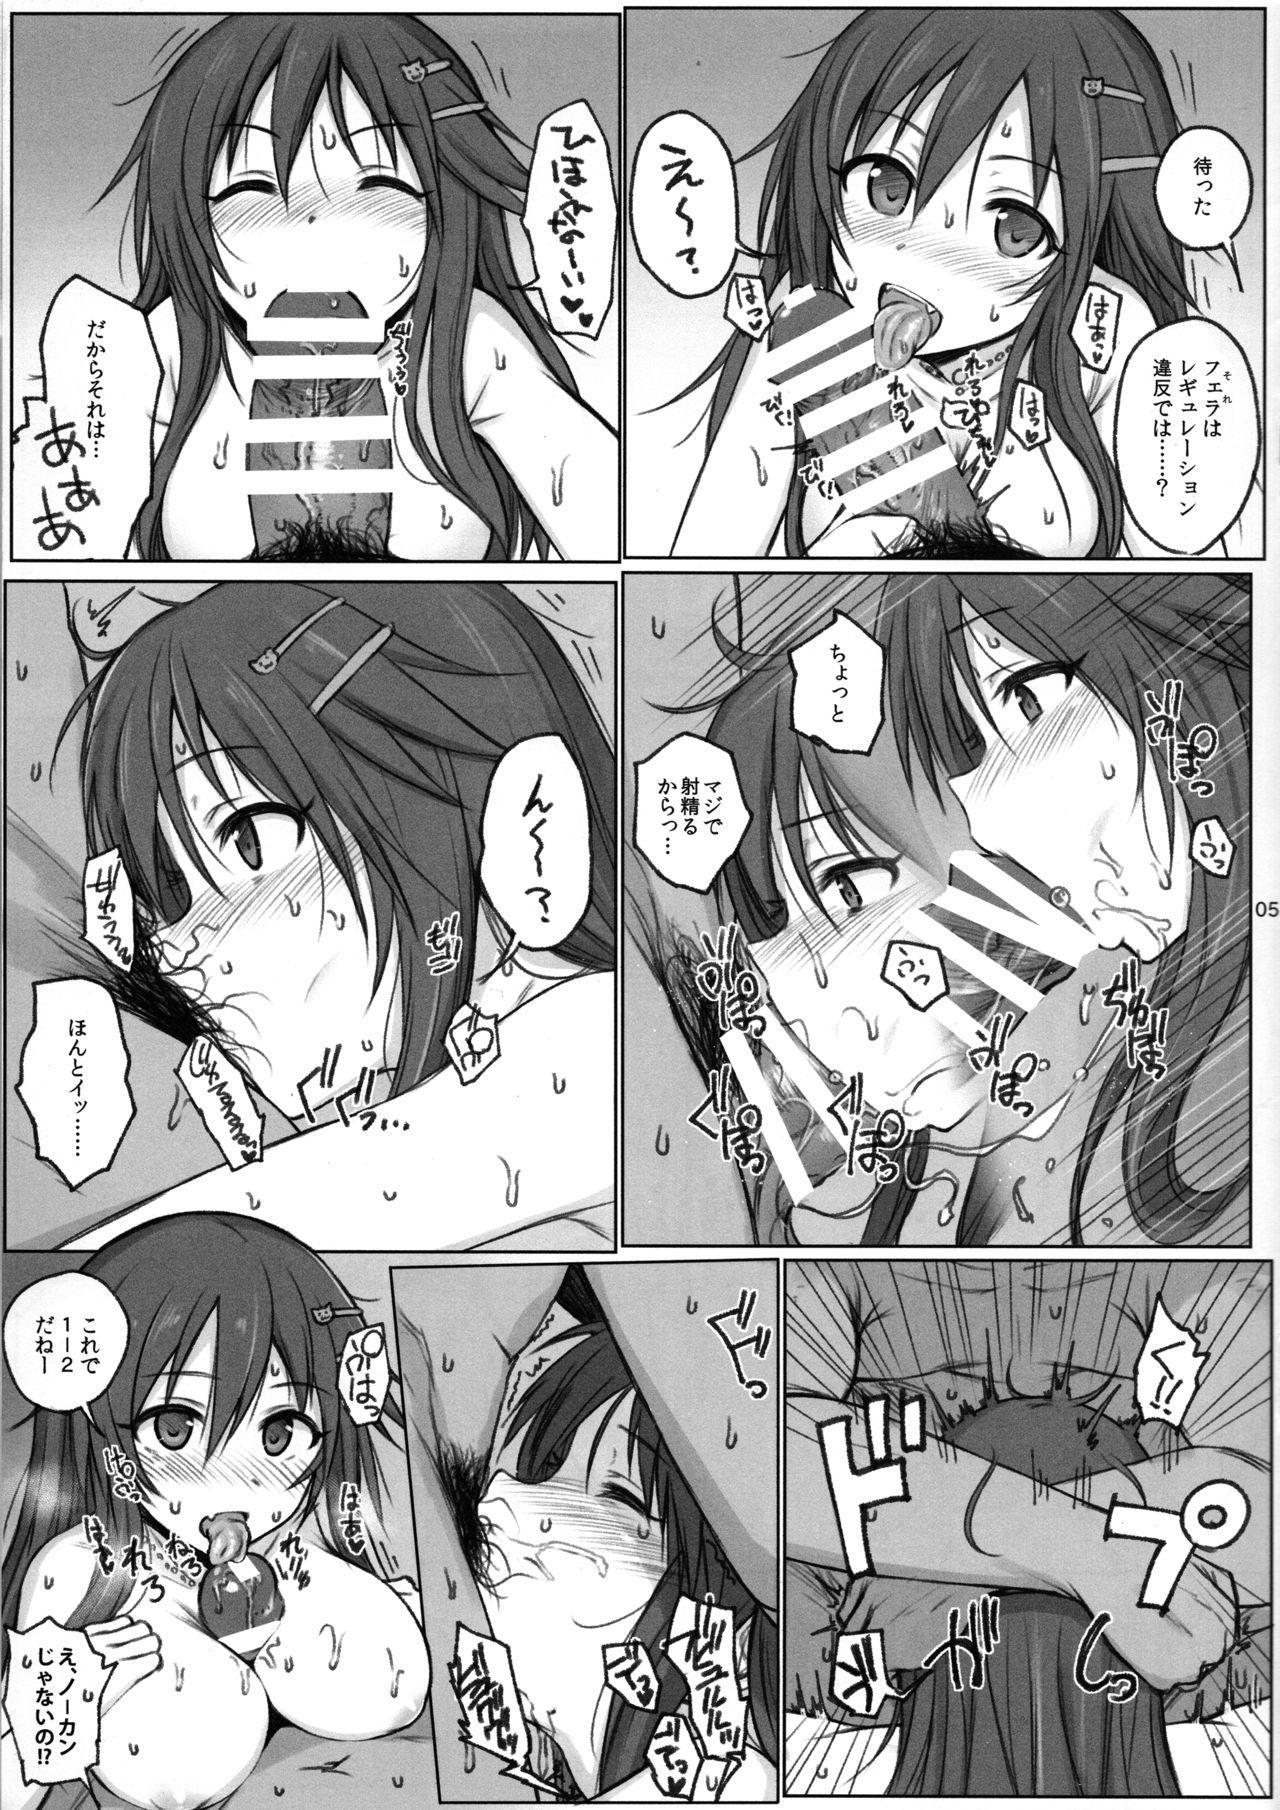 Kaijou Genteibon 5 3